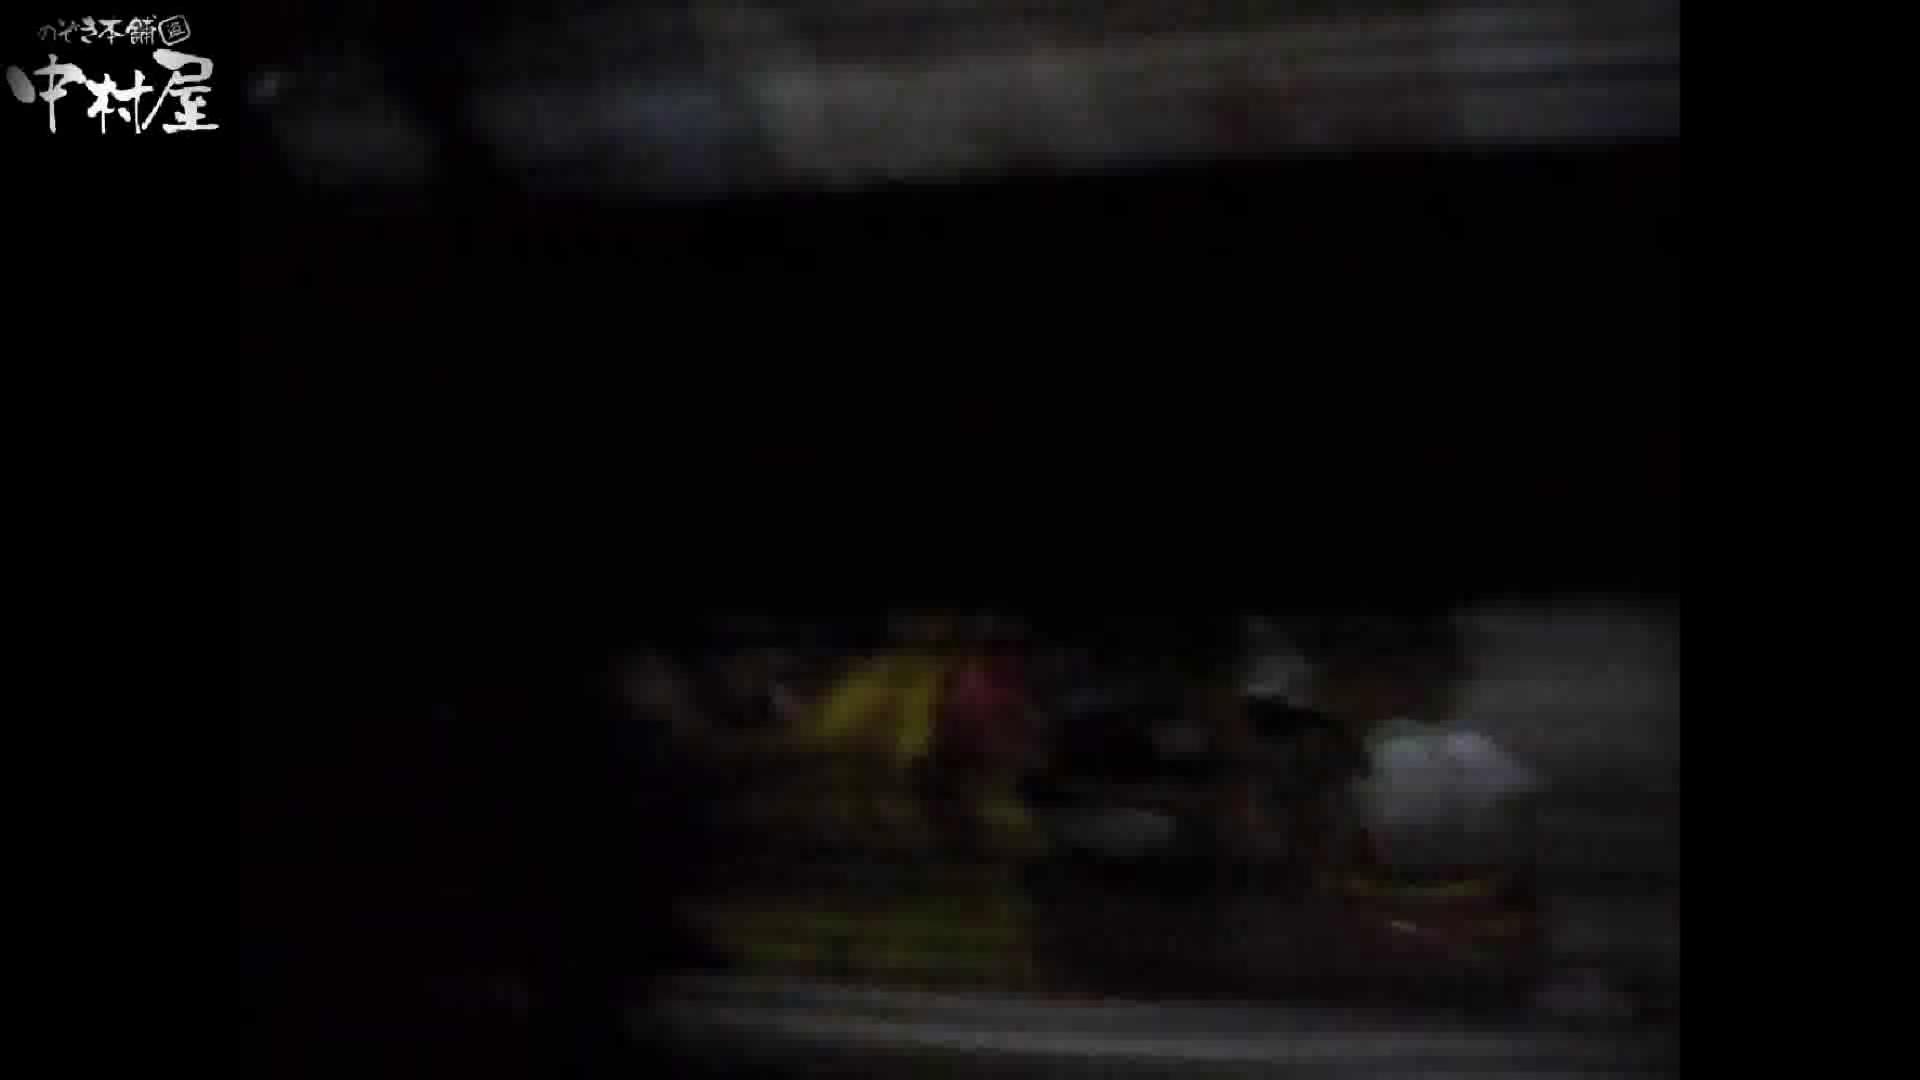 民家風呂専門盗撮師の超危険映像 vol.011 OLセックス | 民家エロ投稿  64画像 13